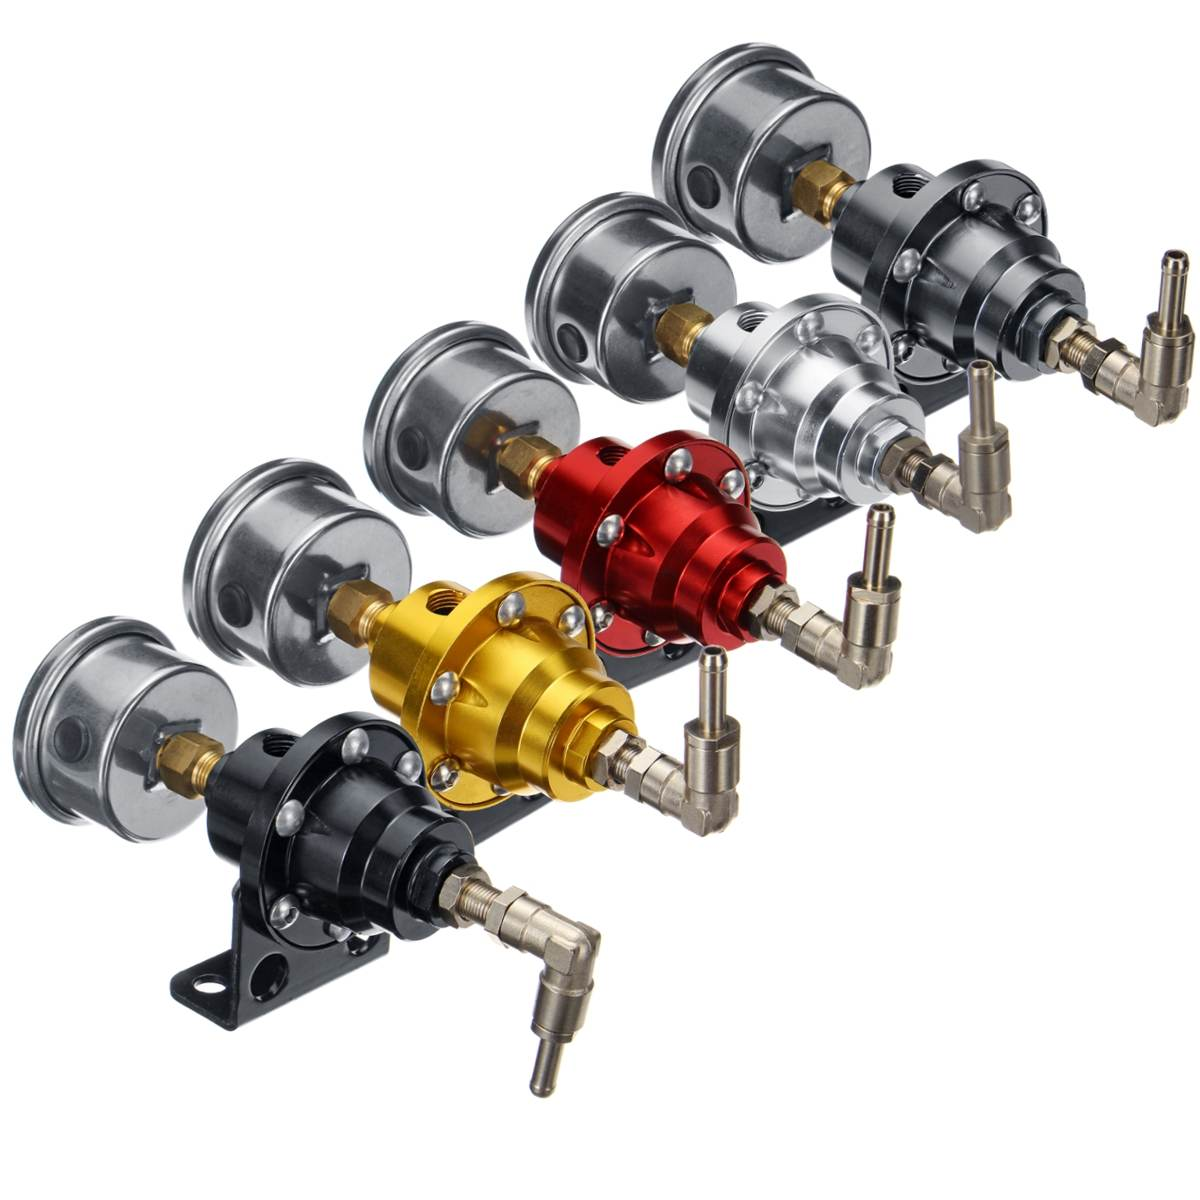 Schwarz Titan Rot Gold Silber Blau Universal Einstellbare Aluminium Kraftstoff Druckregler Mit Manometer Kit 6 farbe